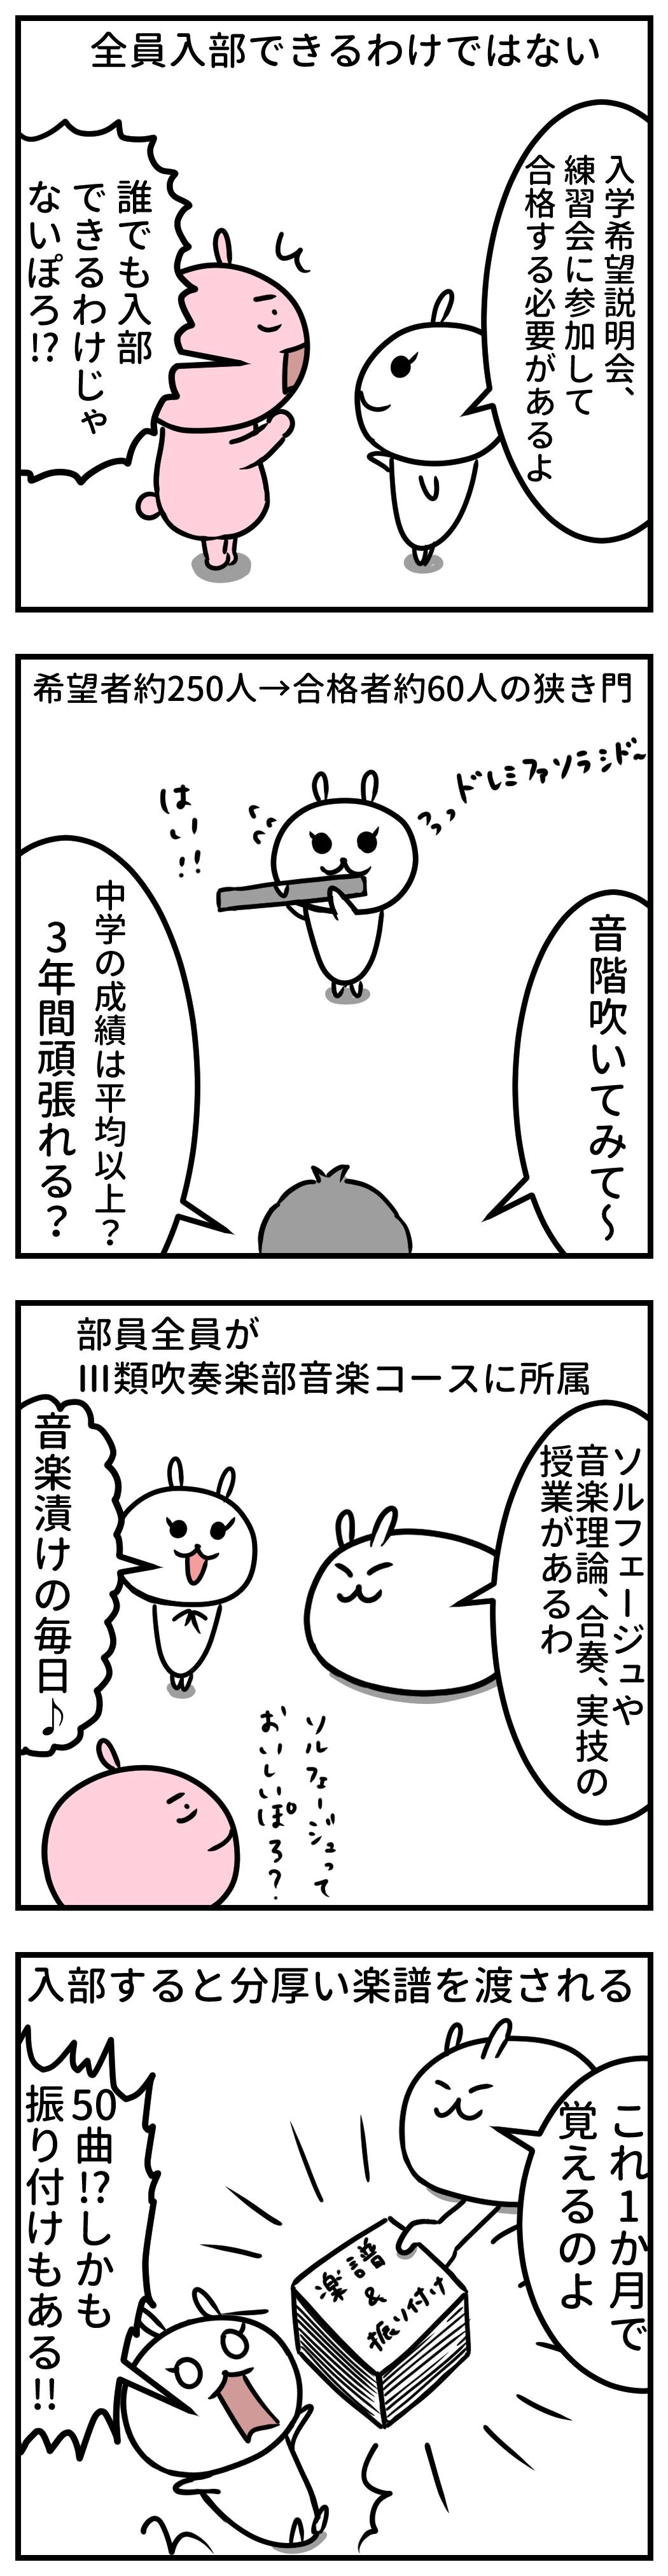 大阪桐蔭高校 イラスト 吹奏楽部 入部条件